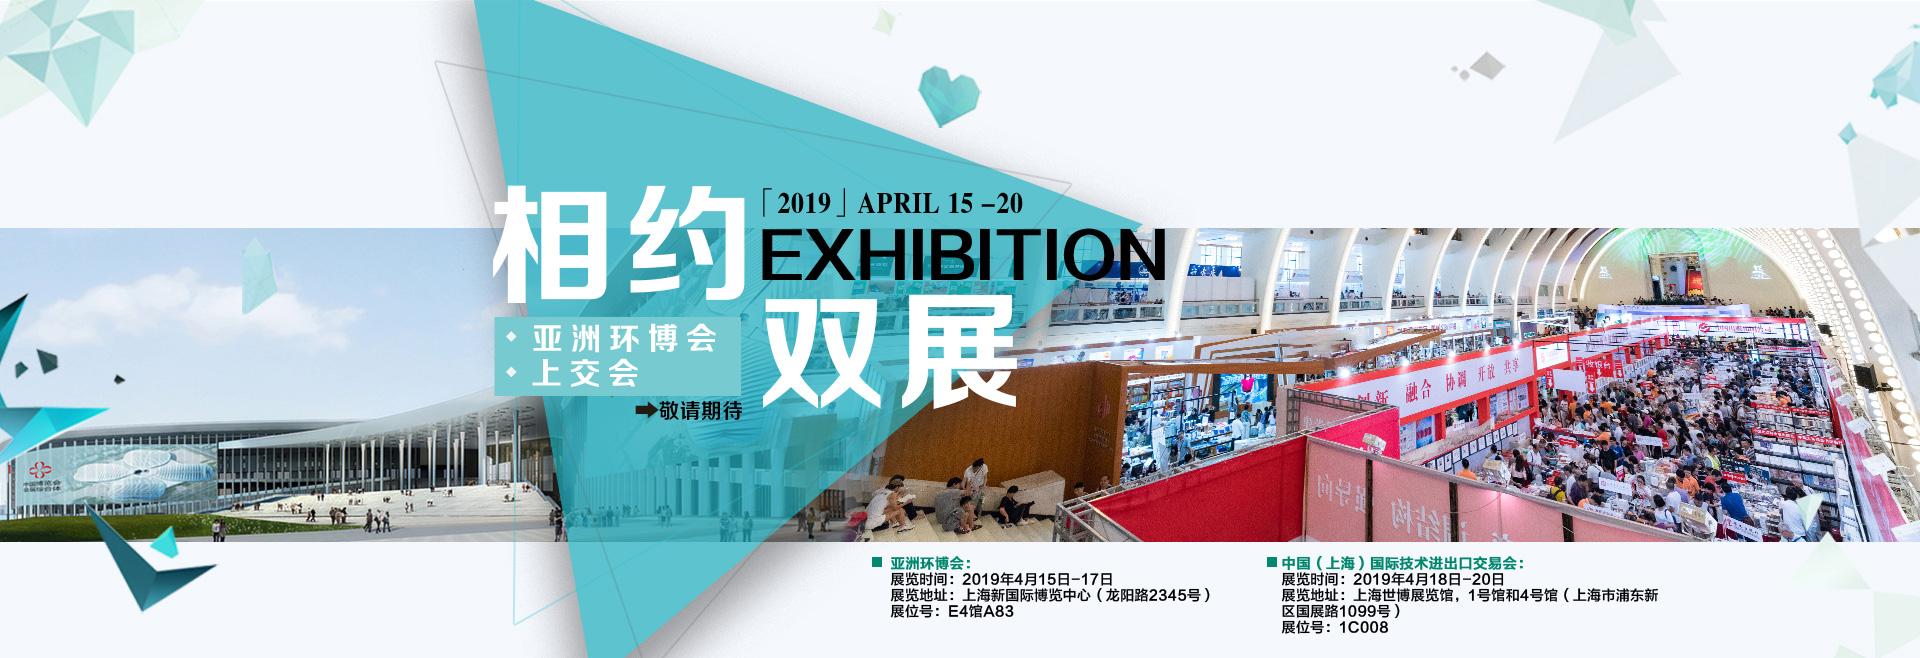 第七届中国(上海)国际技术进出口交易会